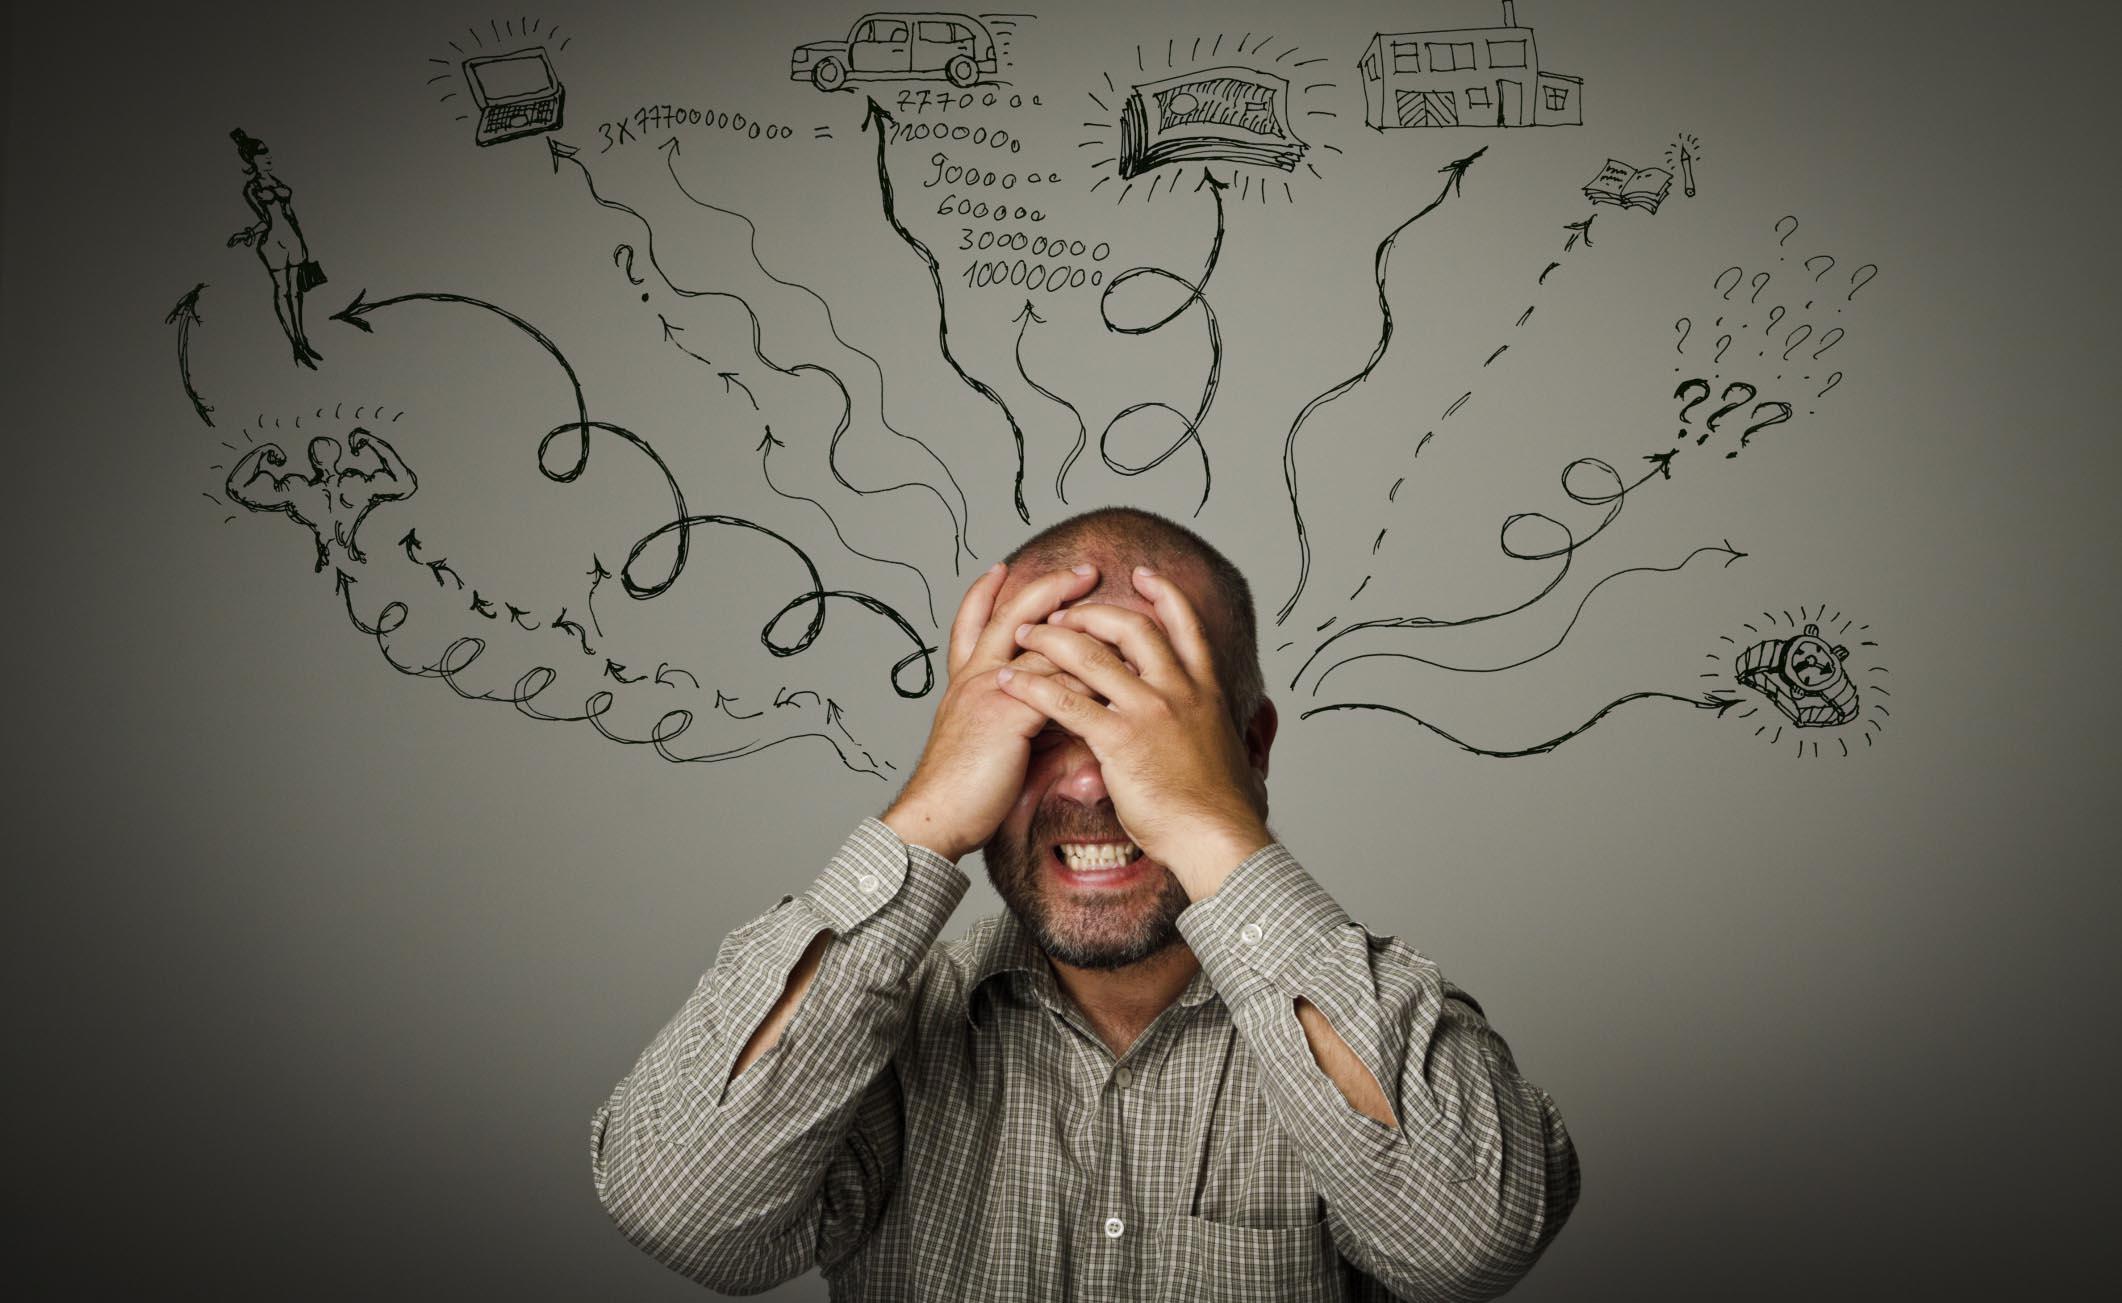 Soffri d'ansia? Ecco come capirlo